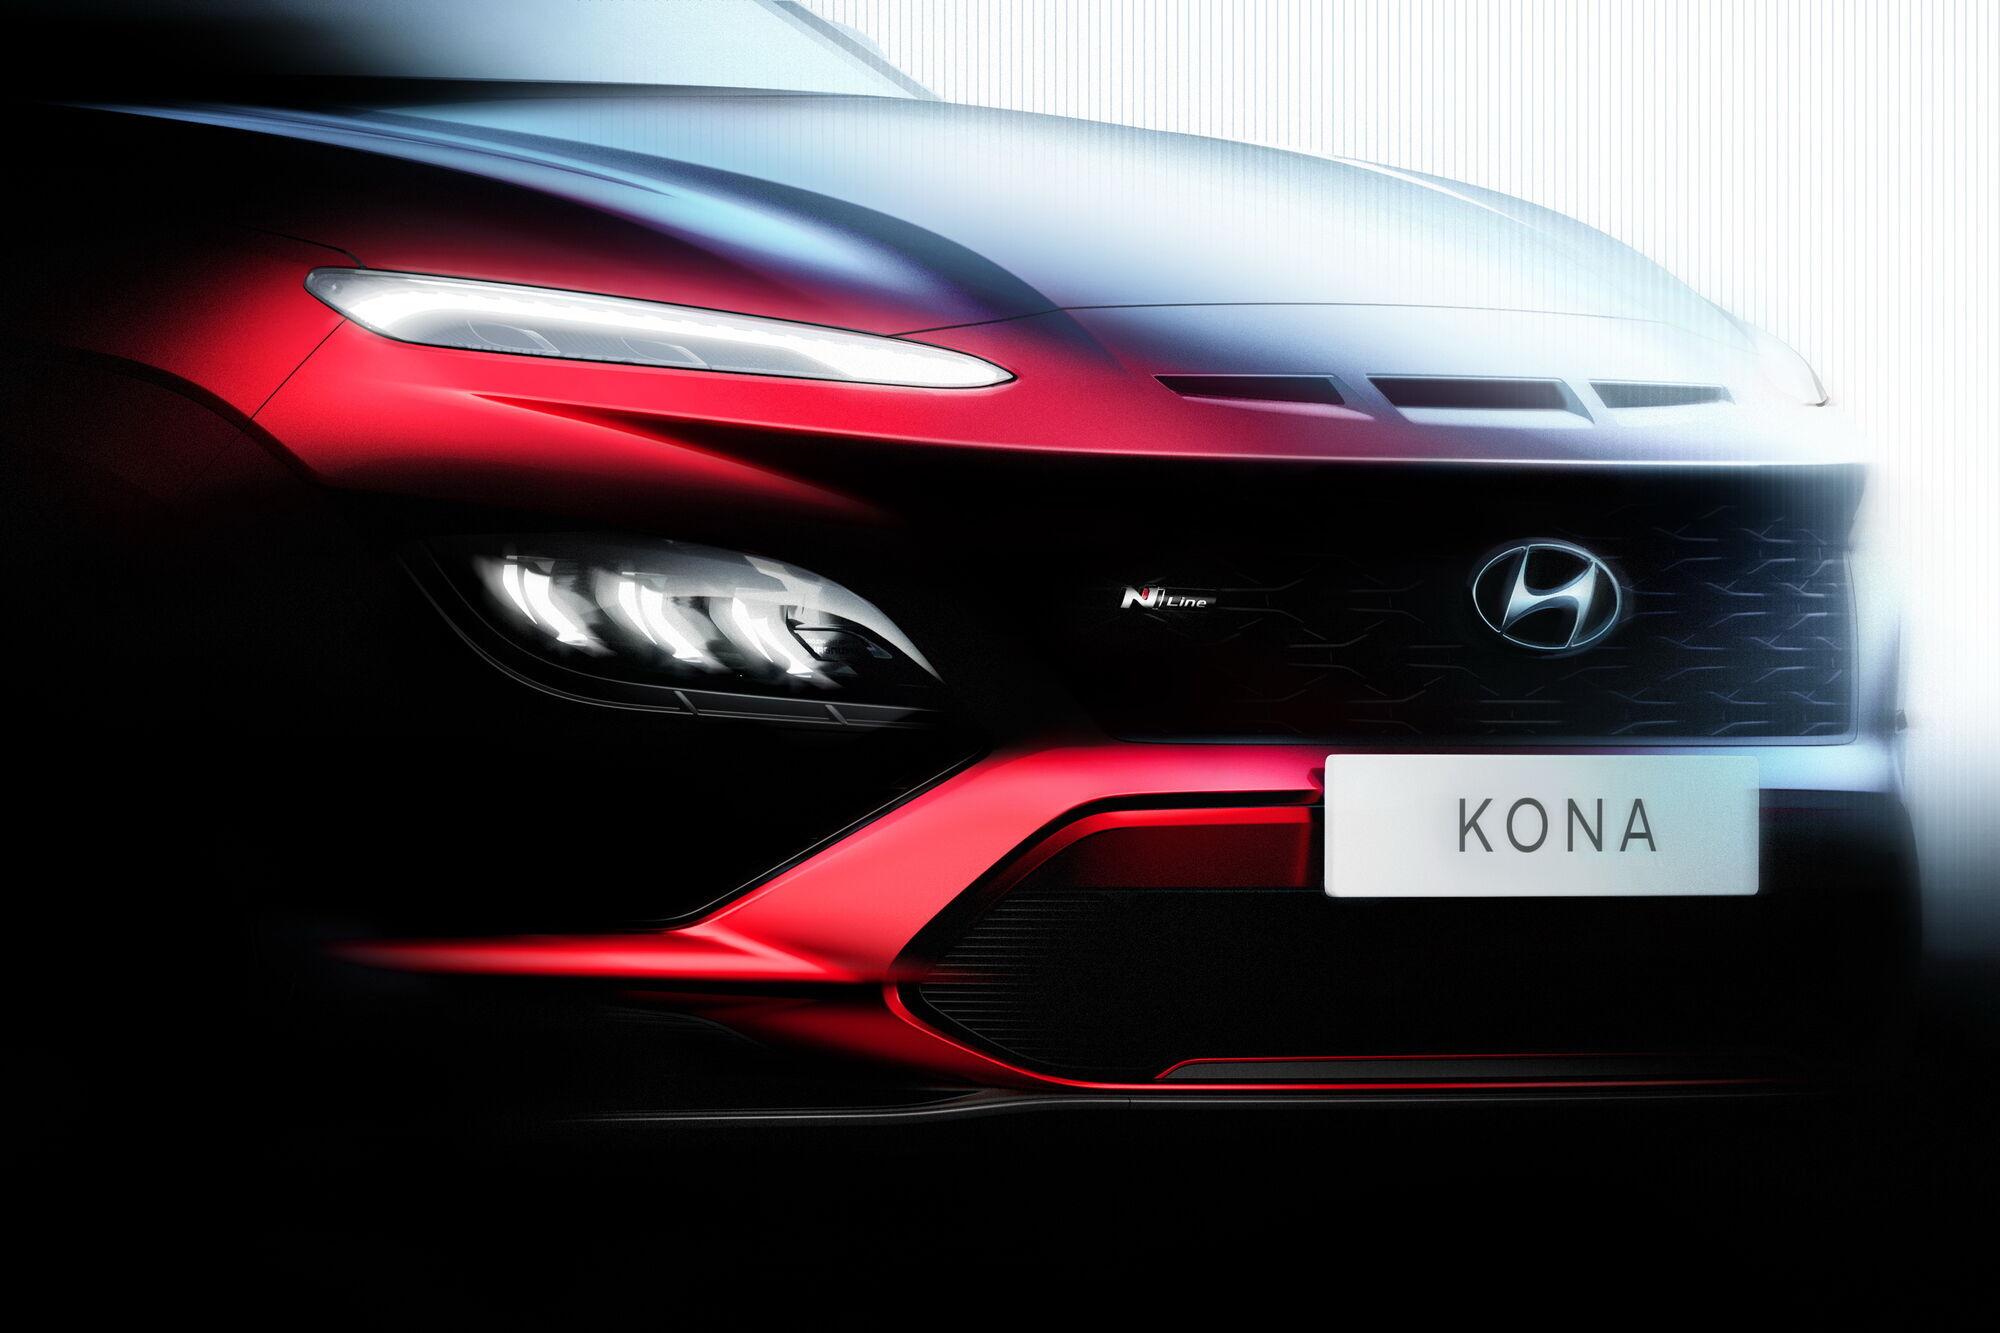 Обновленный кроссовер Hyundai Kona получит спортивную версию N Line. Фото: